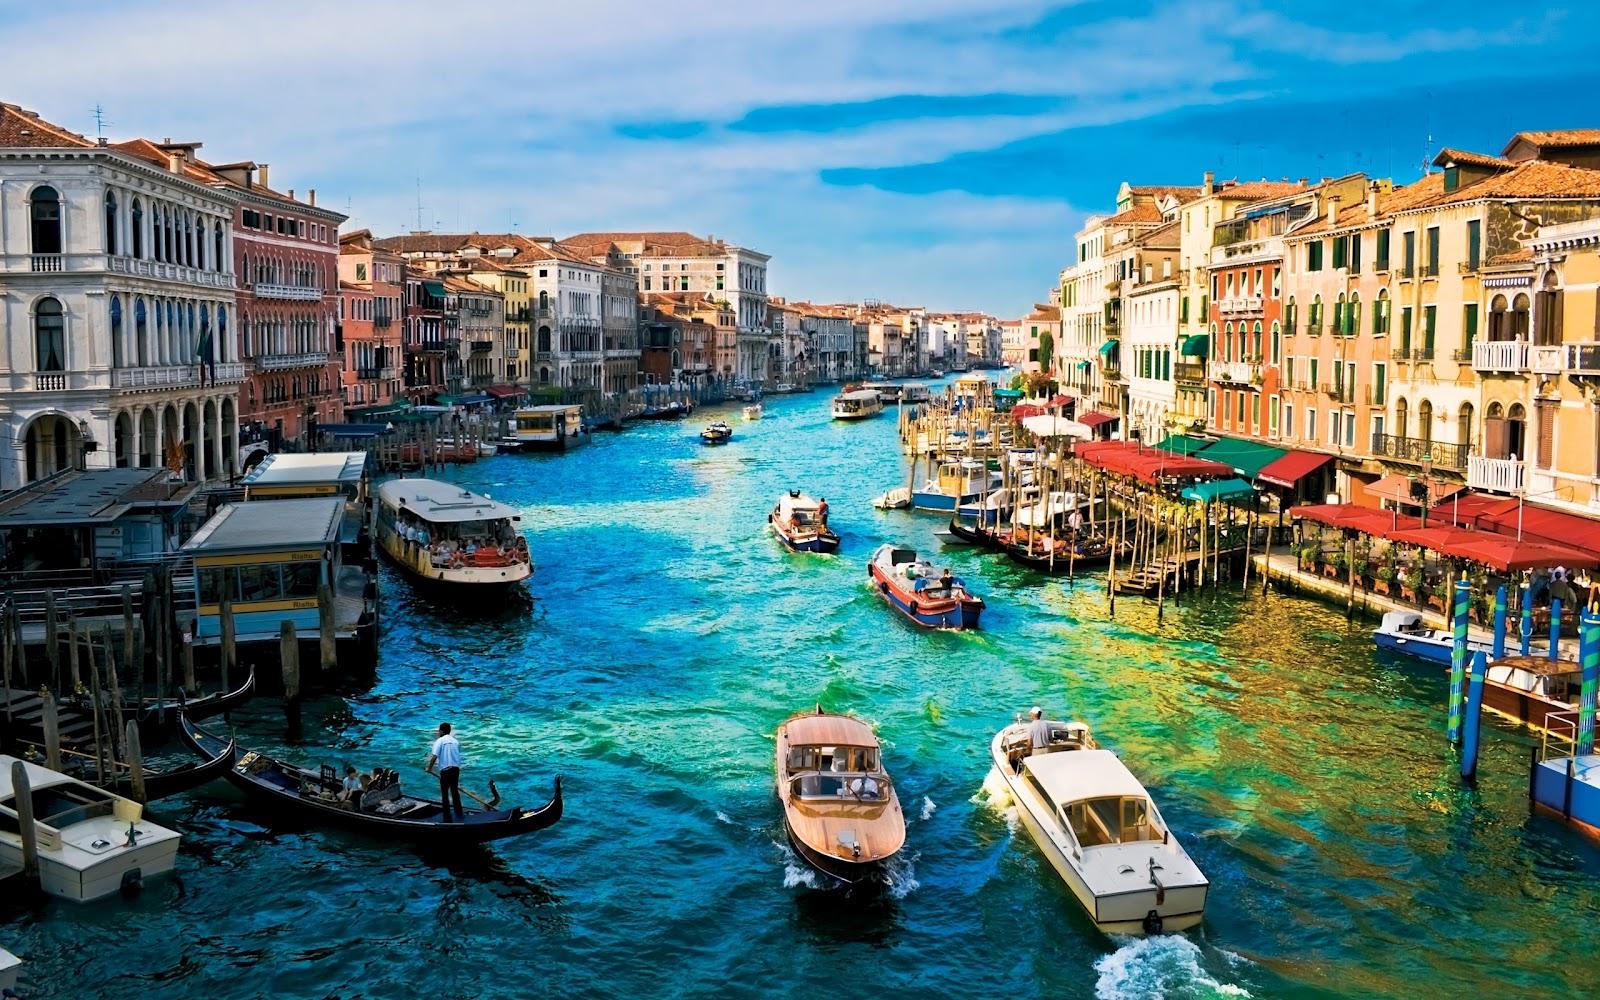 Free Full Hd Wallpaper Venice Of The Most Beautiful Italian Cities Full Hd